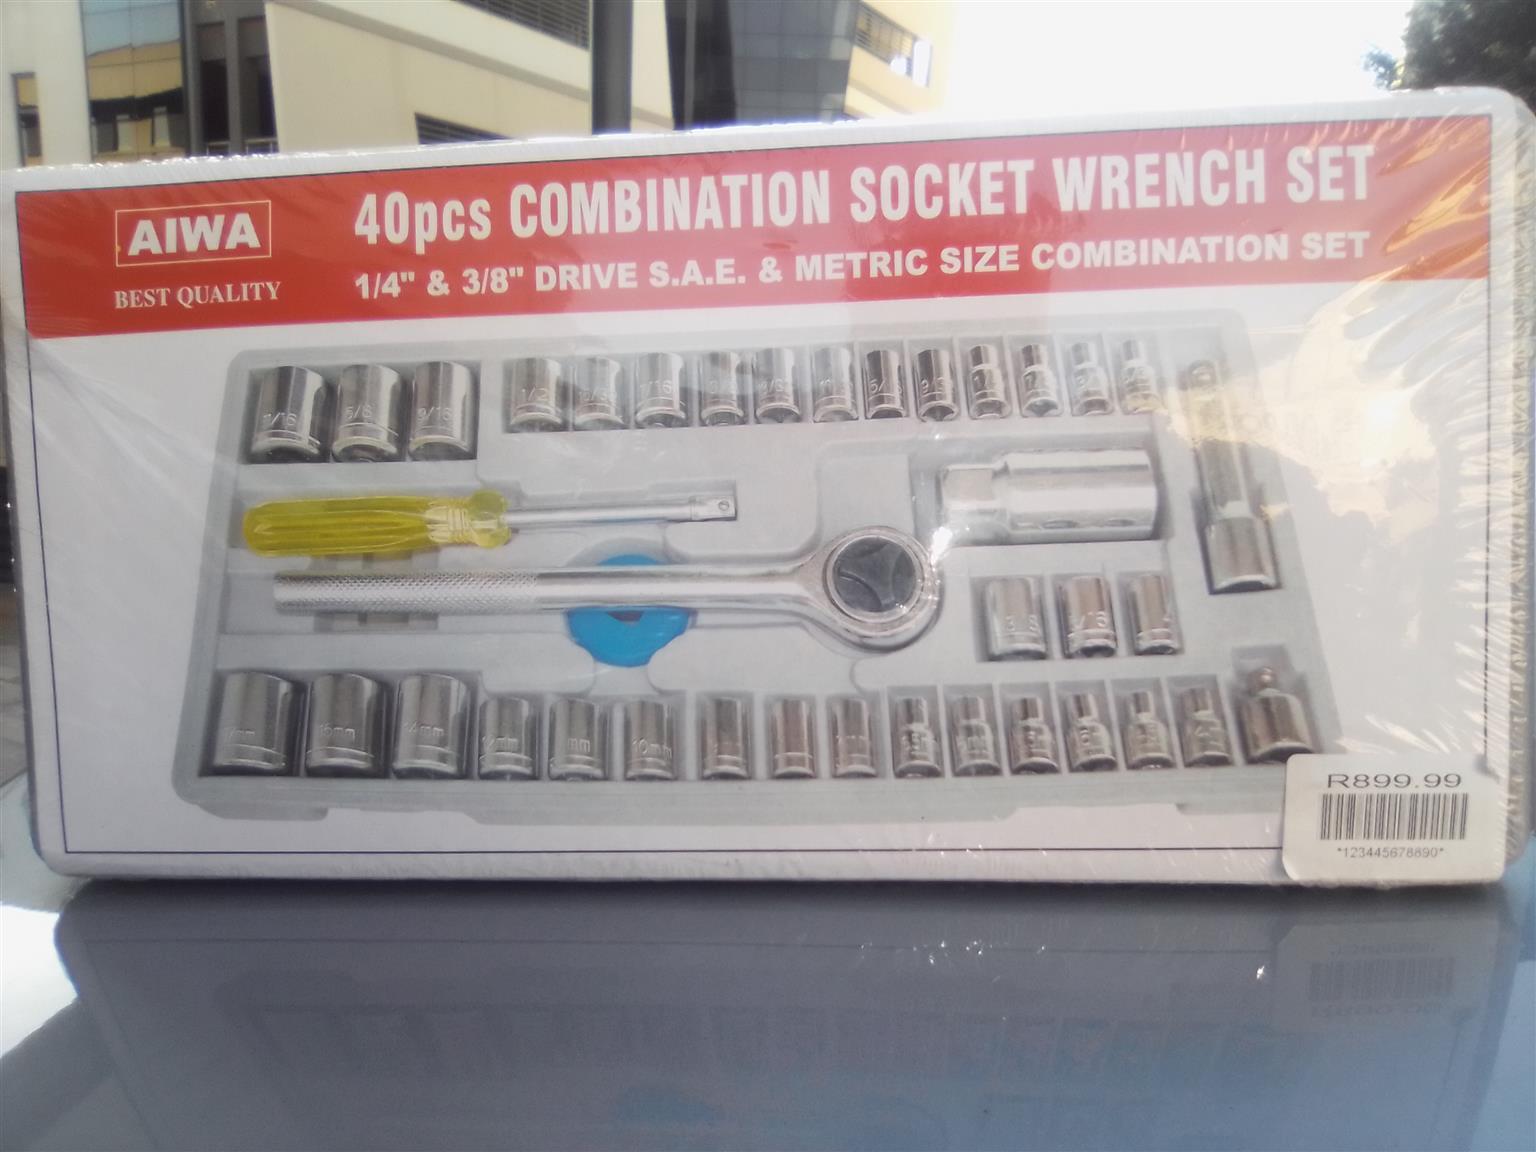 40pcs Combination socket wrench set.AIWA brand